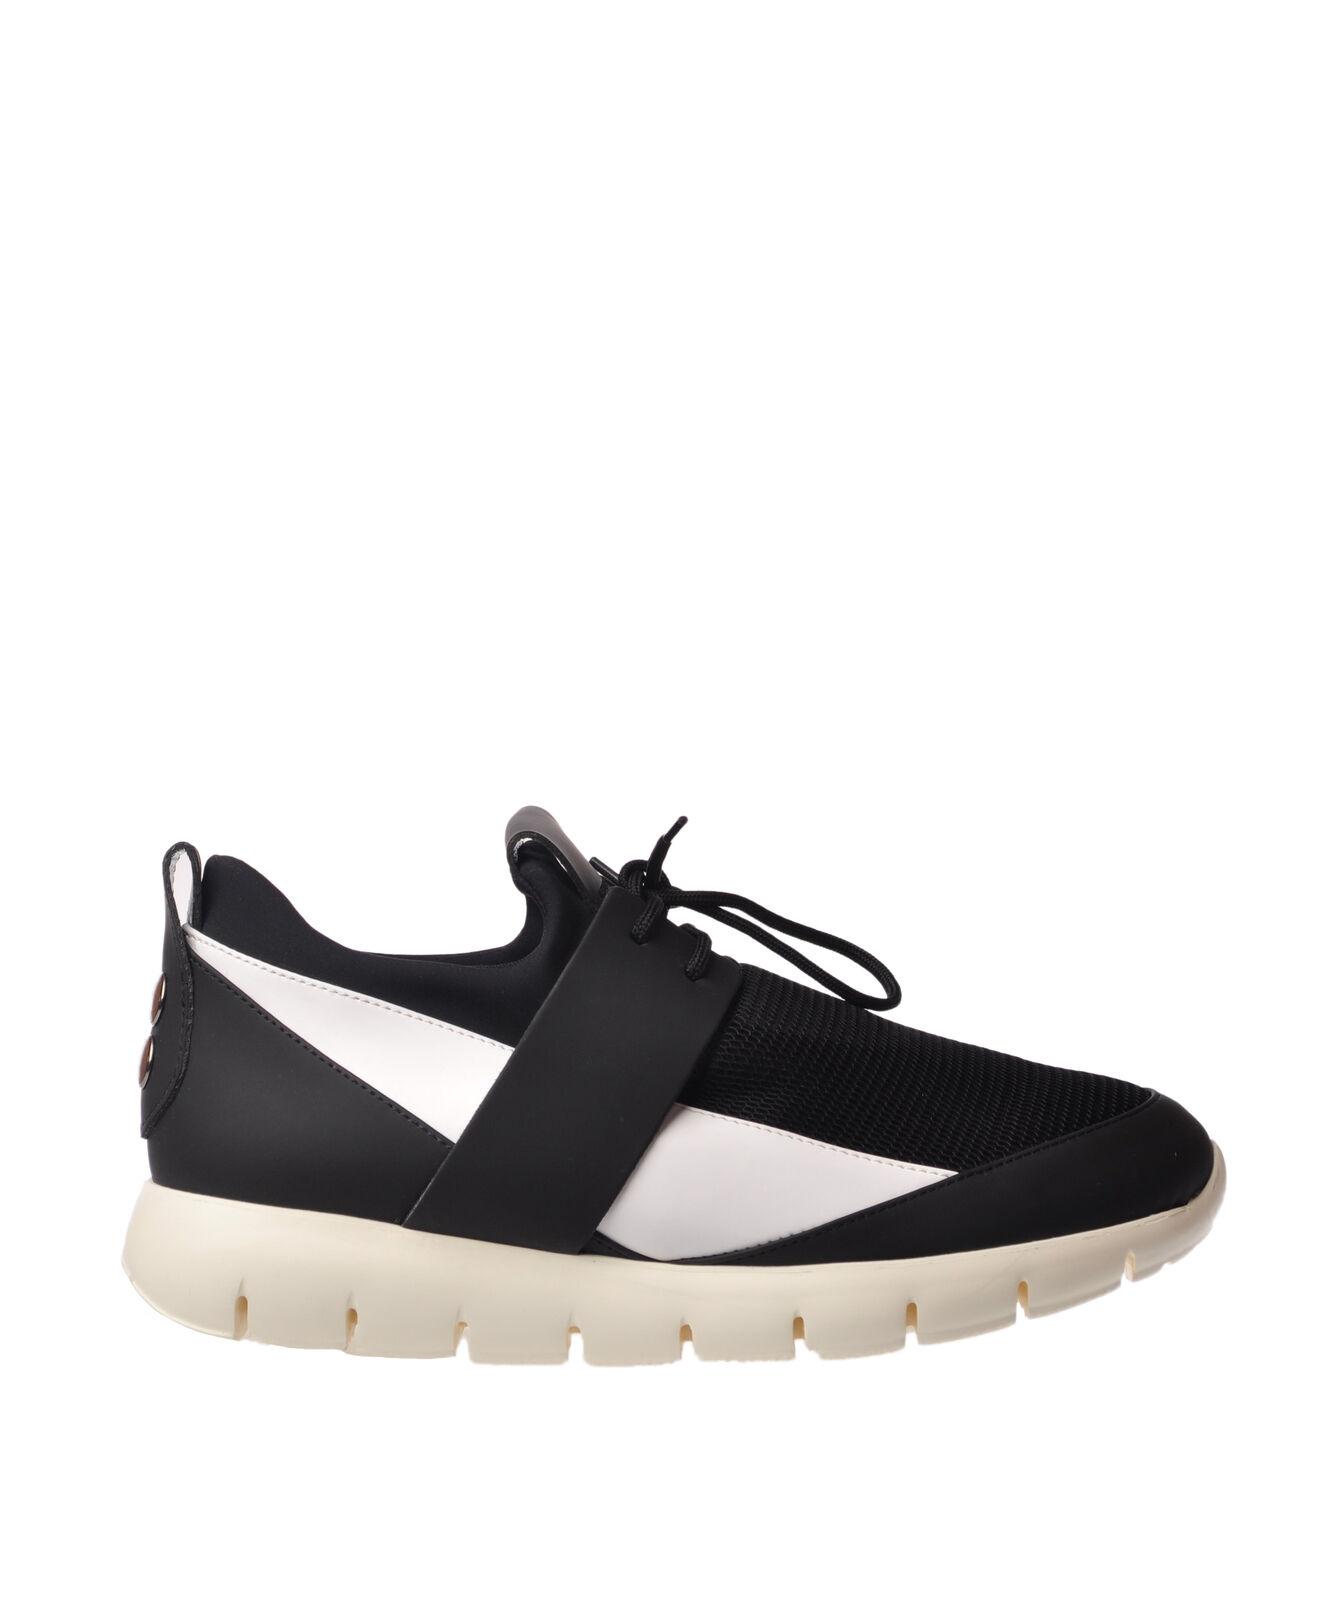 Alexander Smith  -  scarpe da ginnastica - Male - nero - 3444321A185651